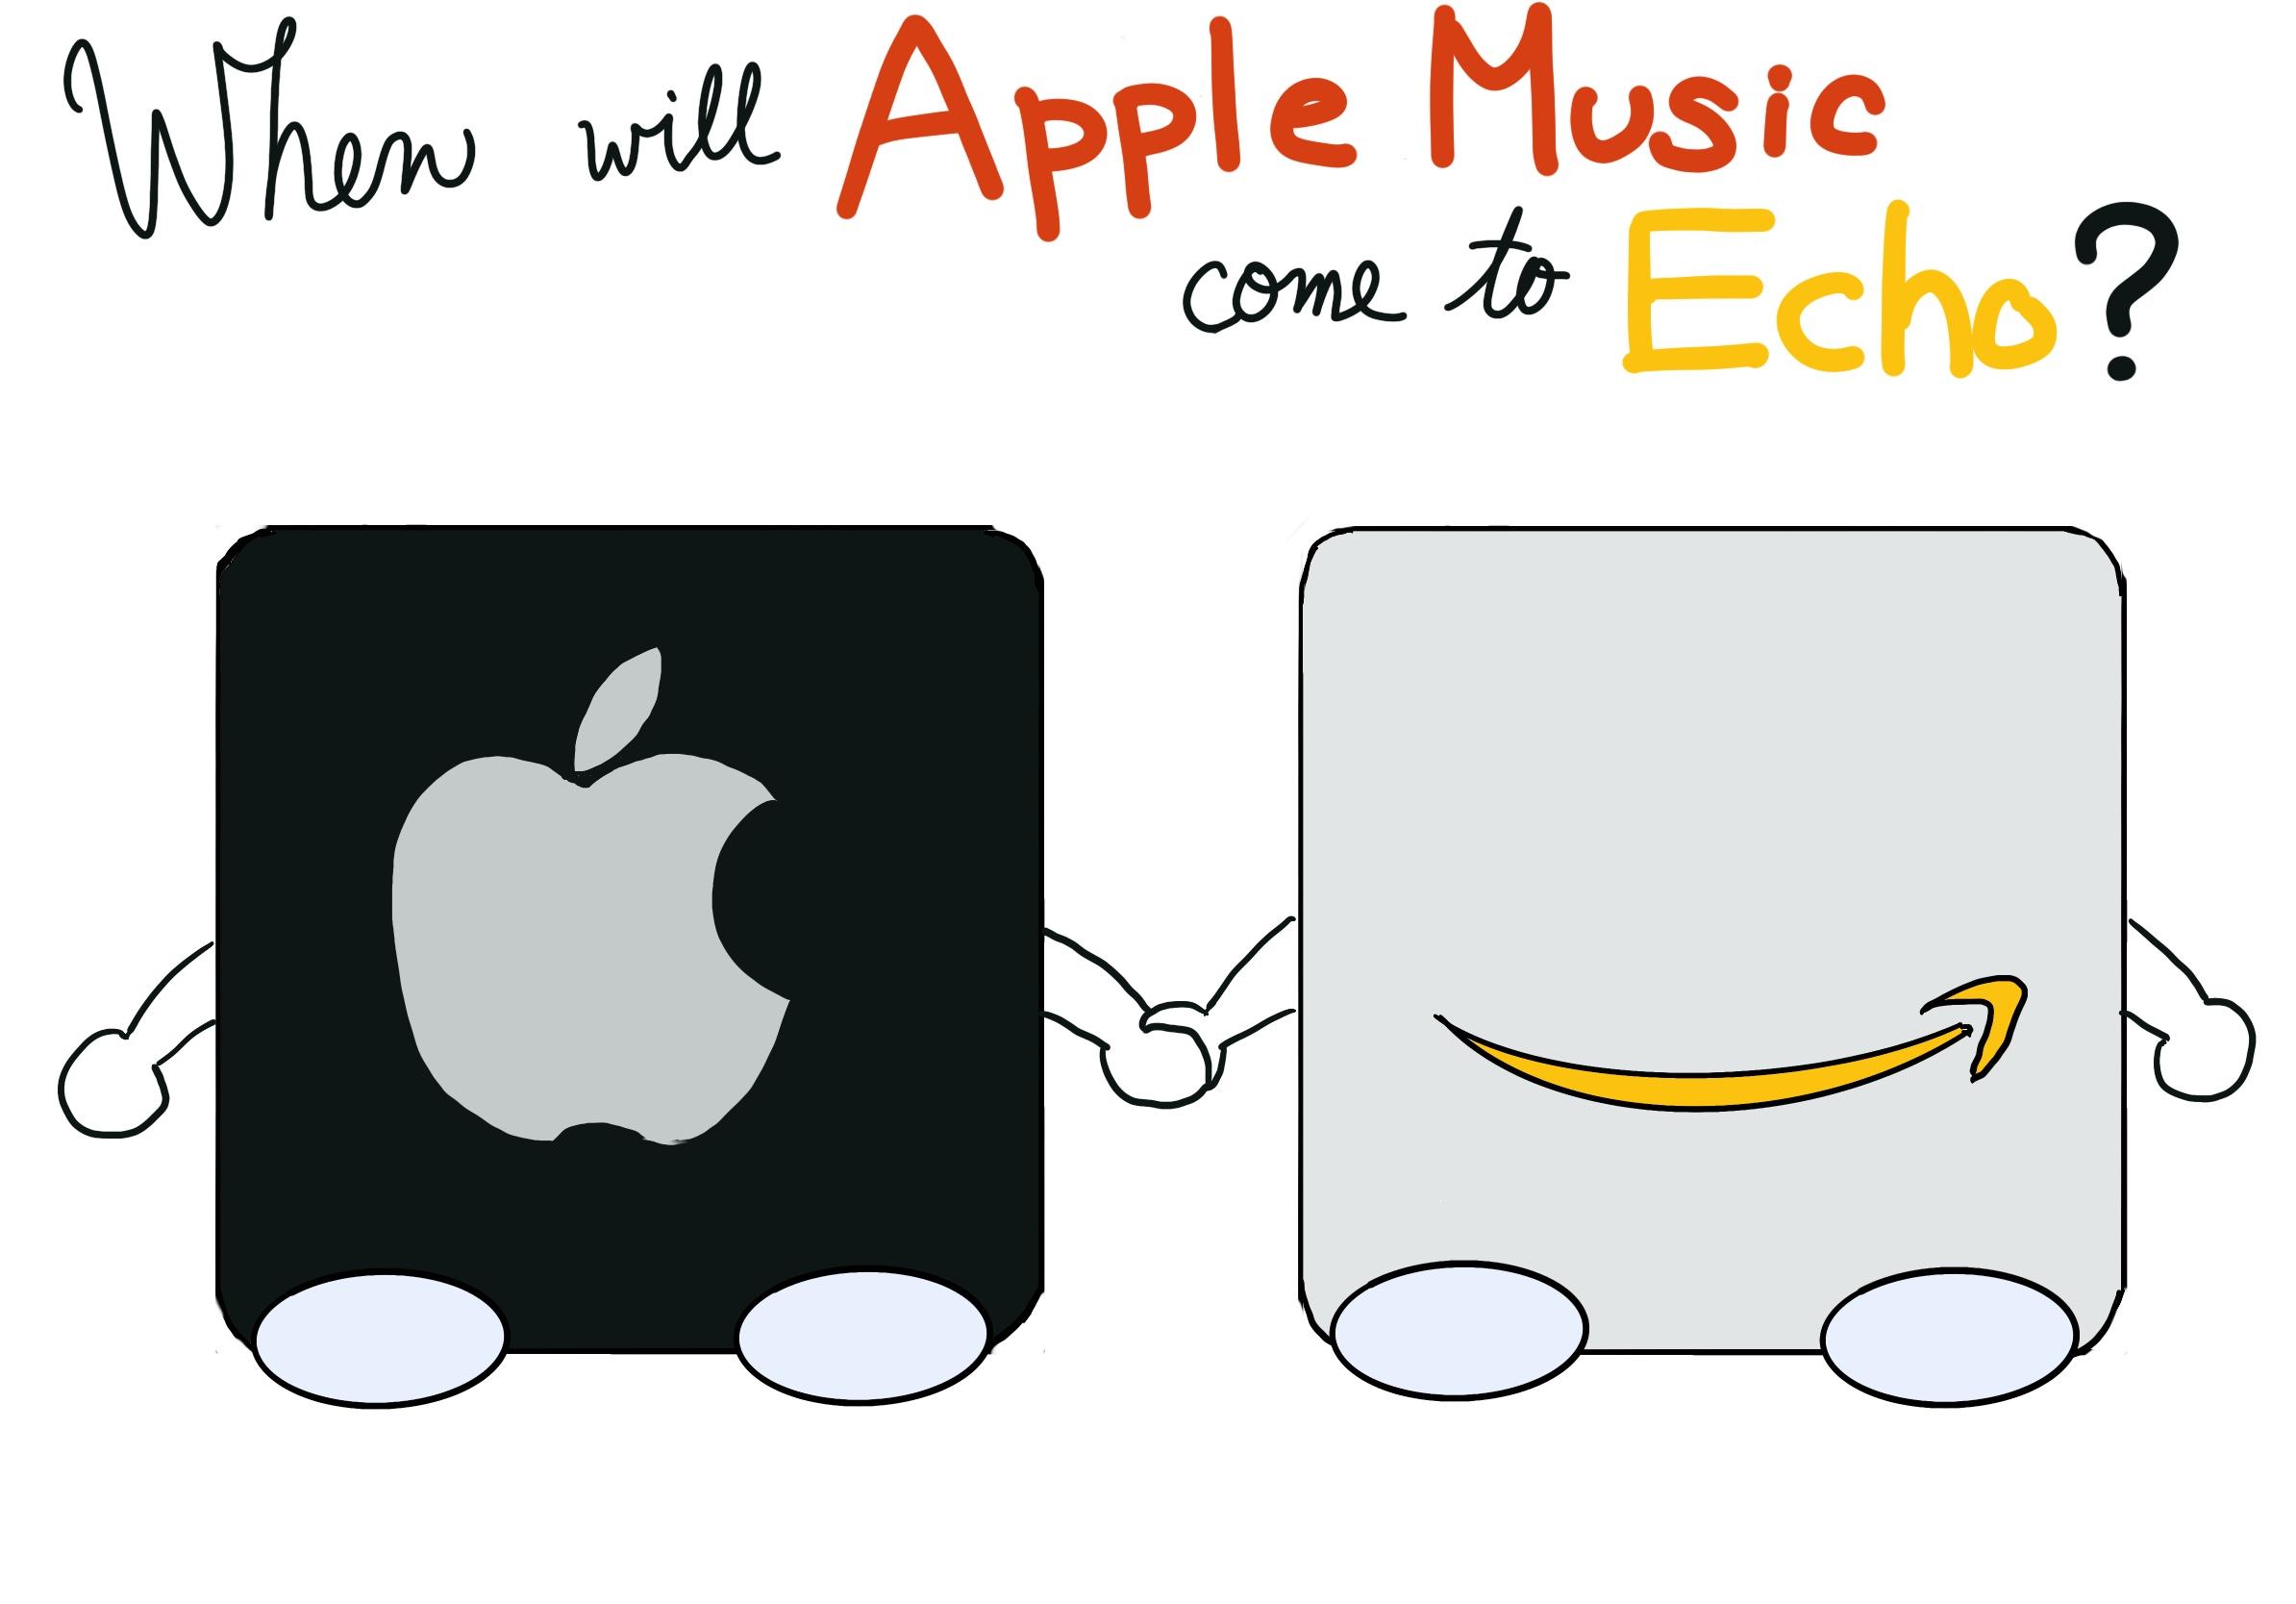 Apple Musicが、日本でEchoに対応するのはいつになるのか? 予想してみた【5/18追記】